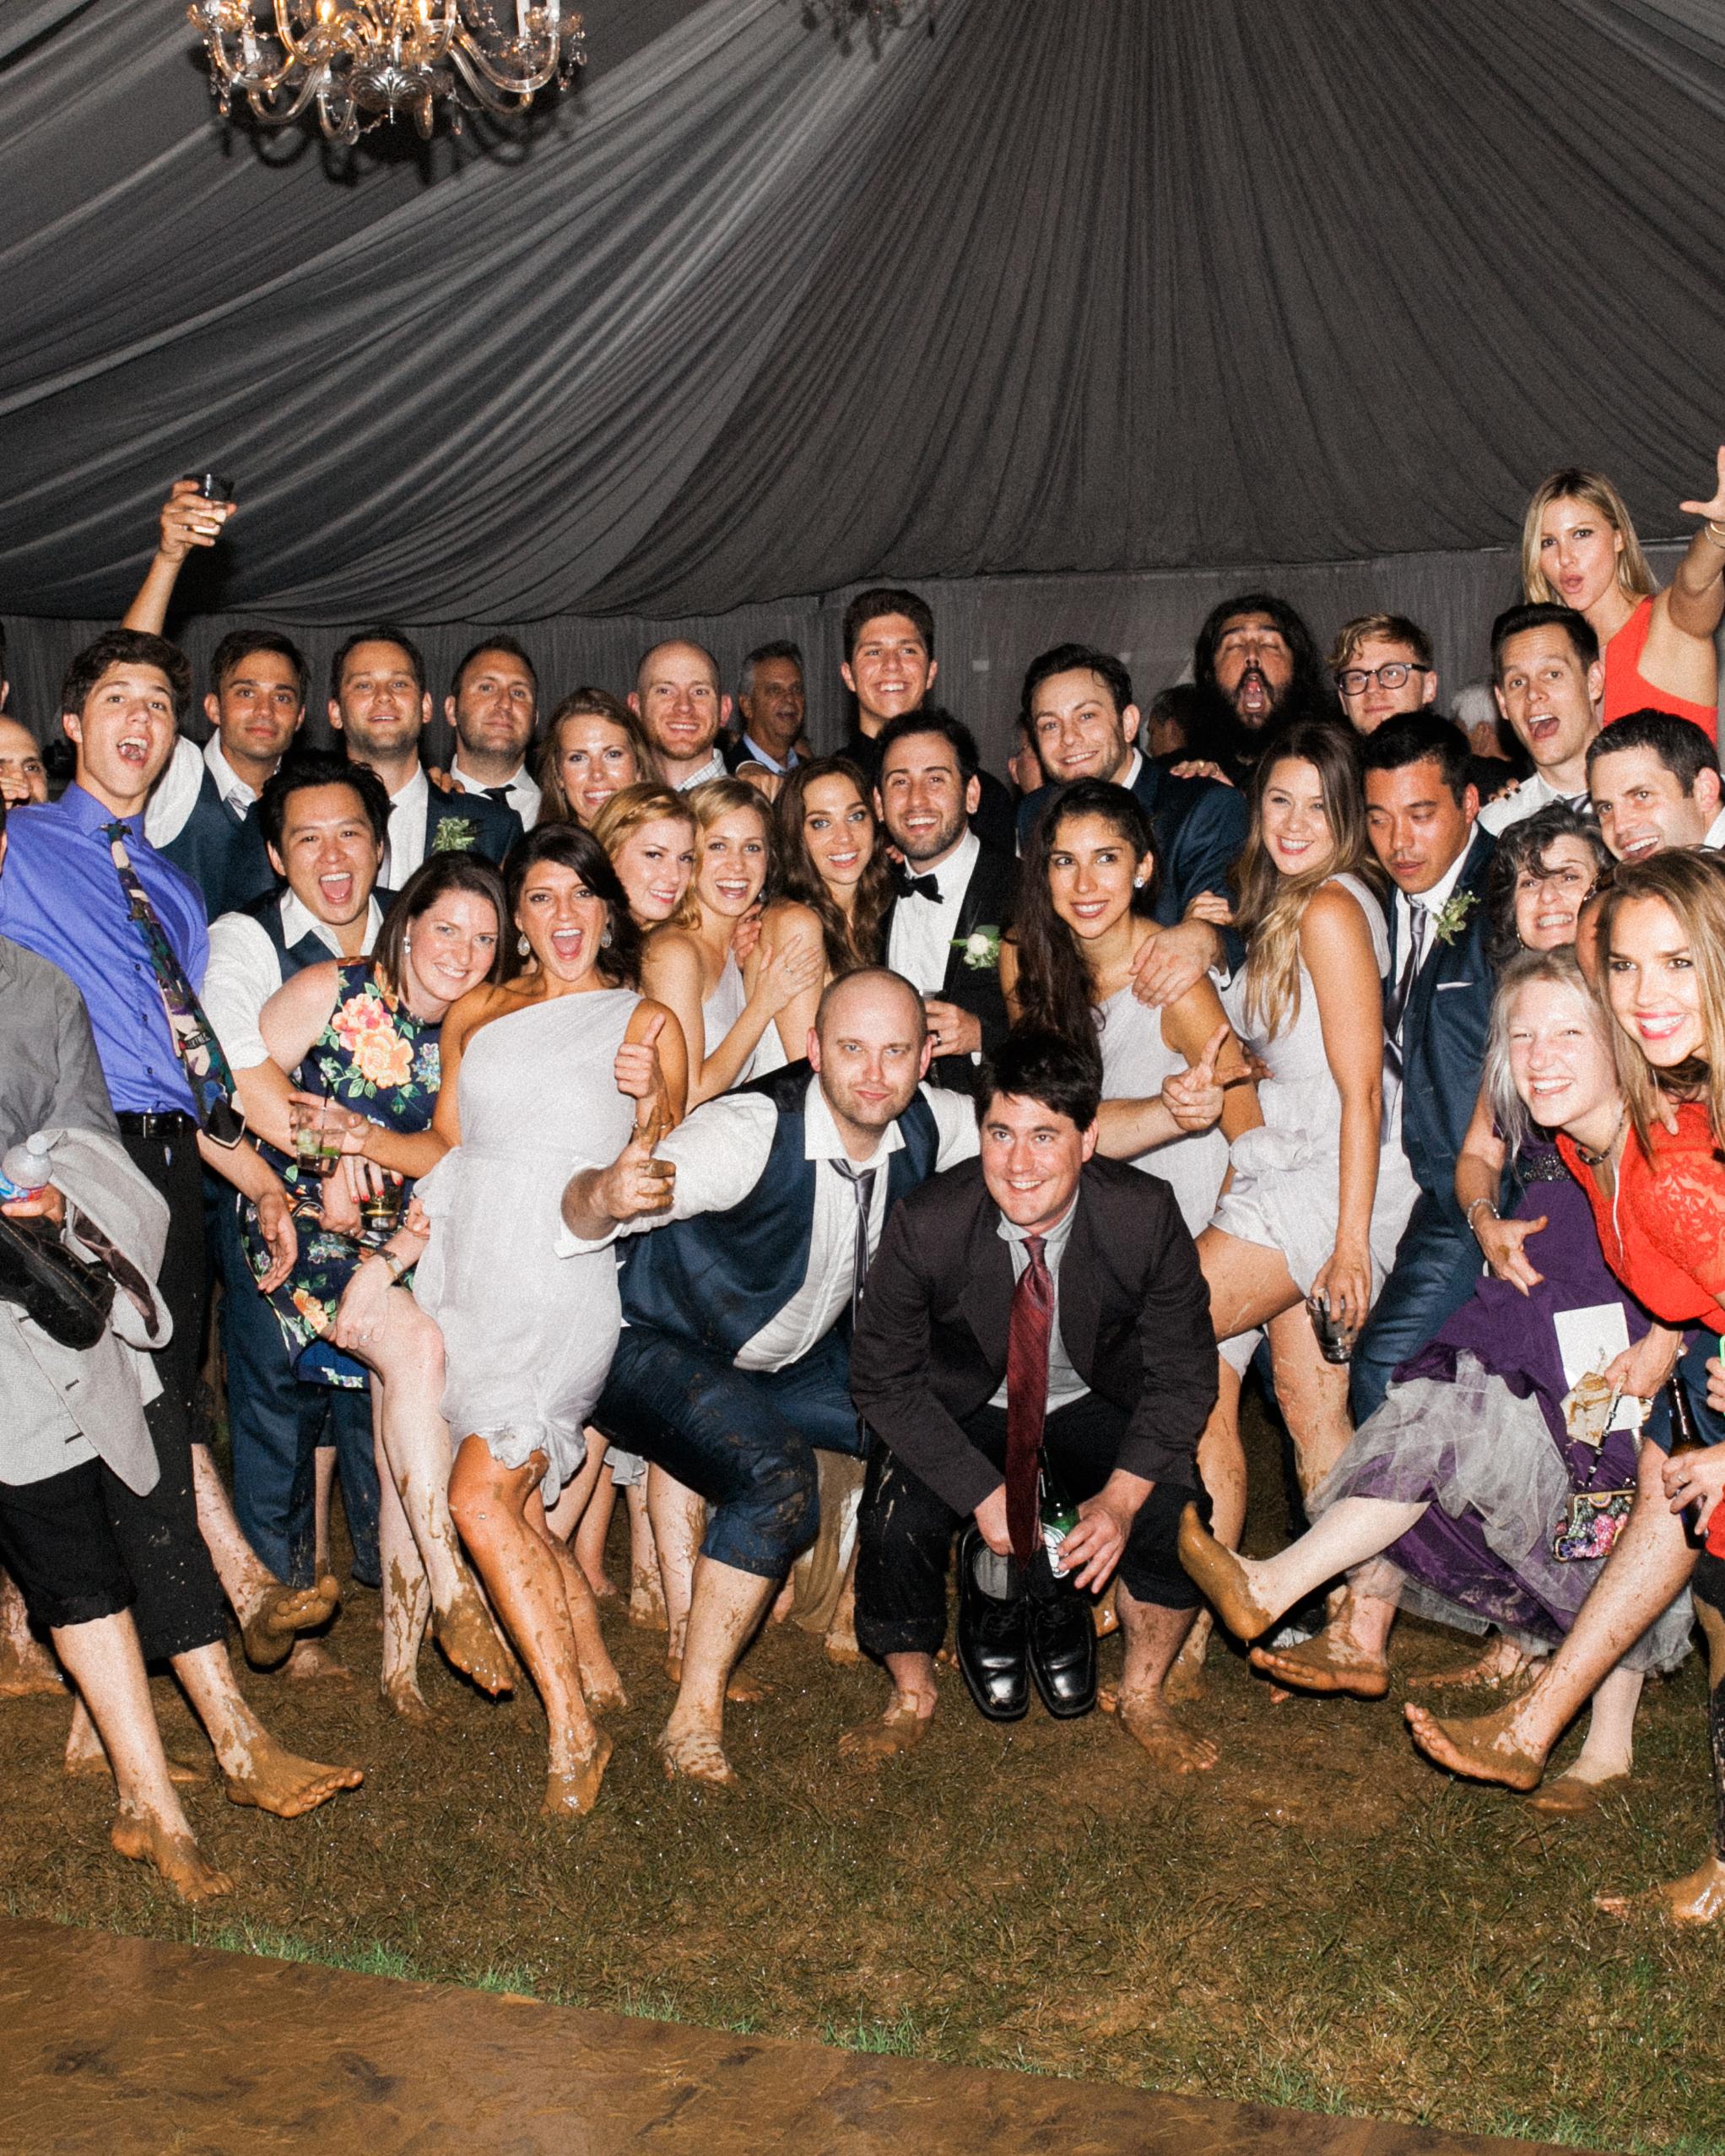 jackie-ross-wedding-mud-121-s111775-0215.jpg